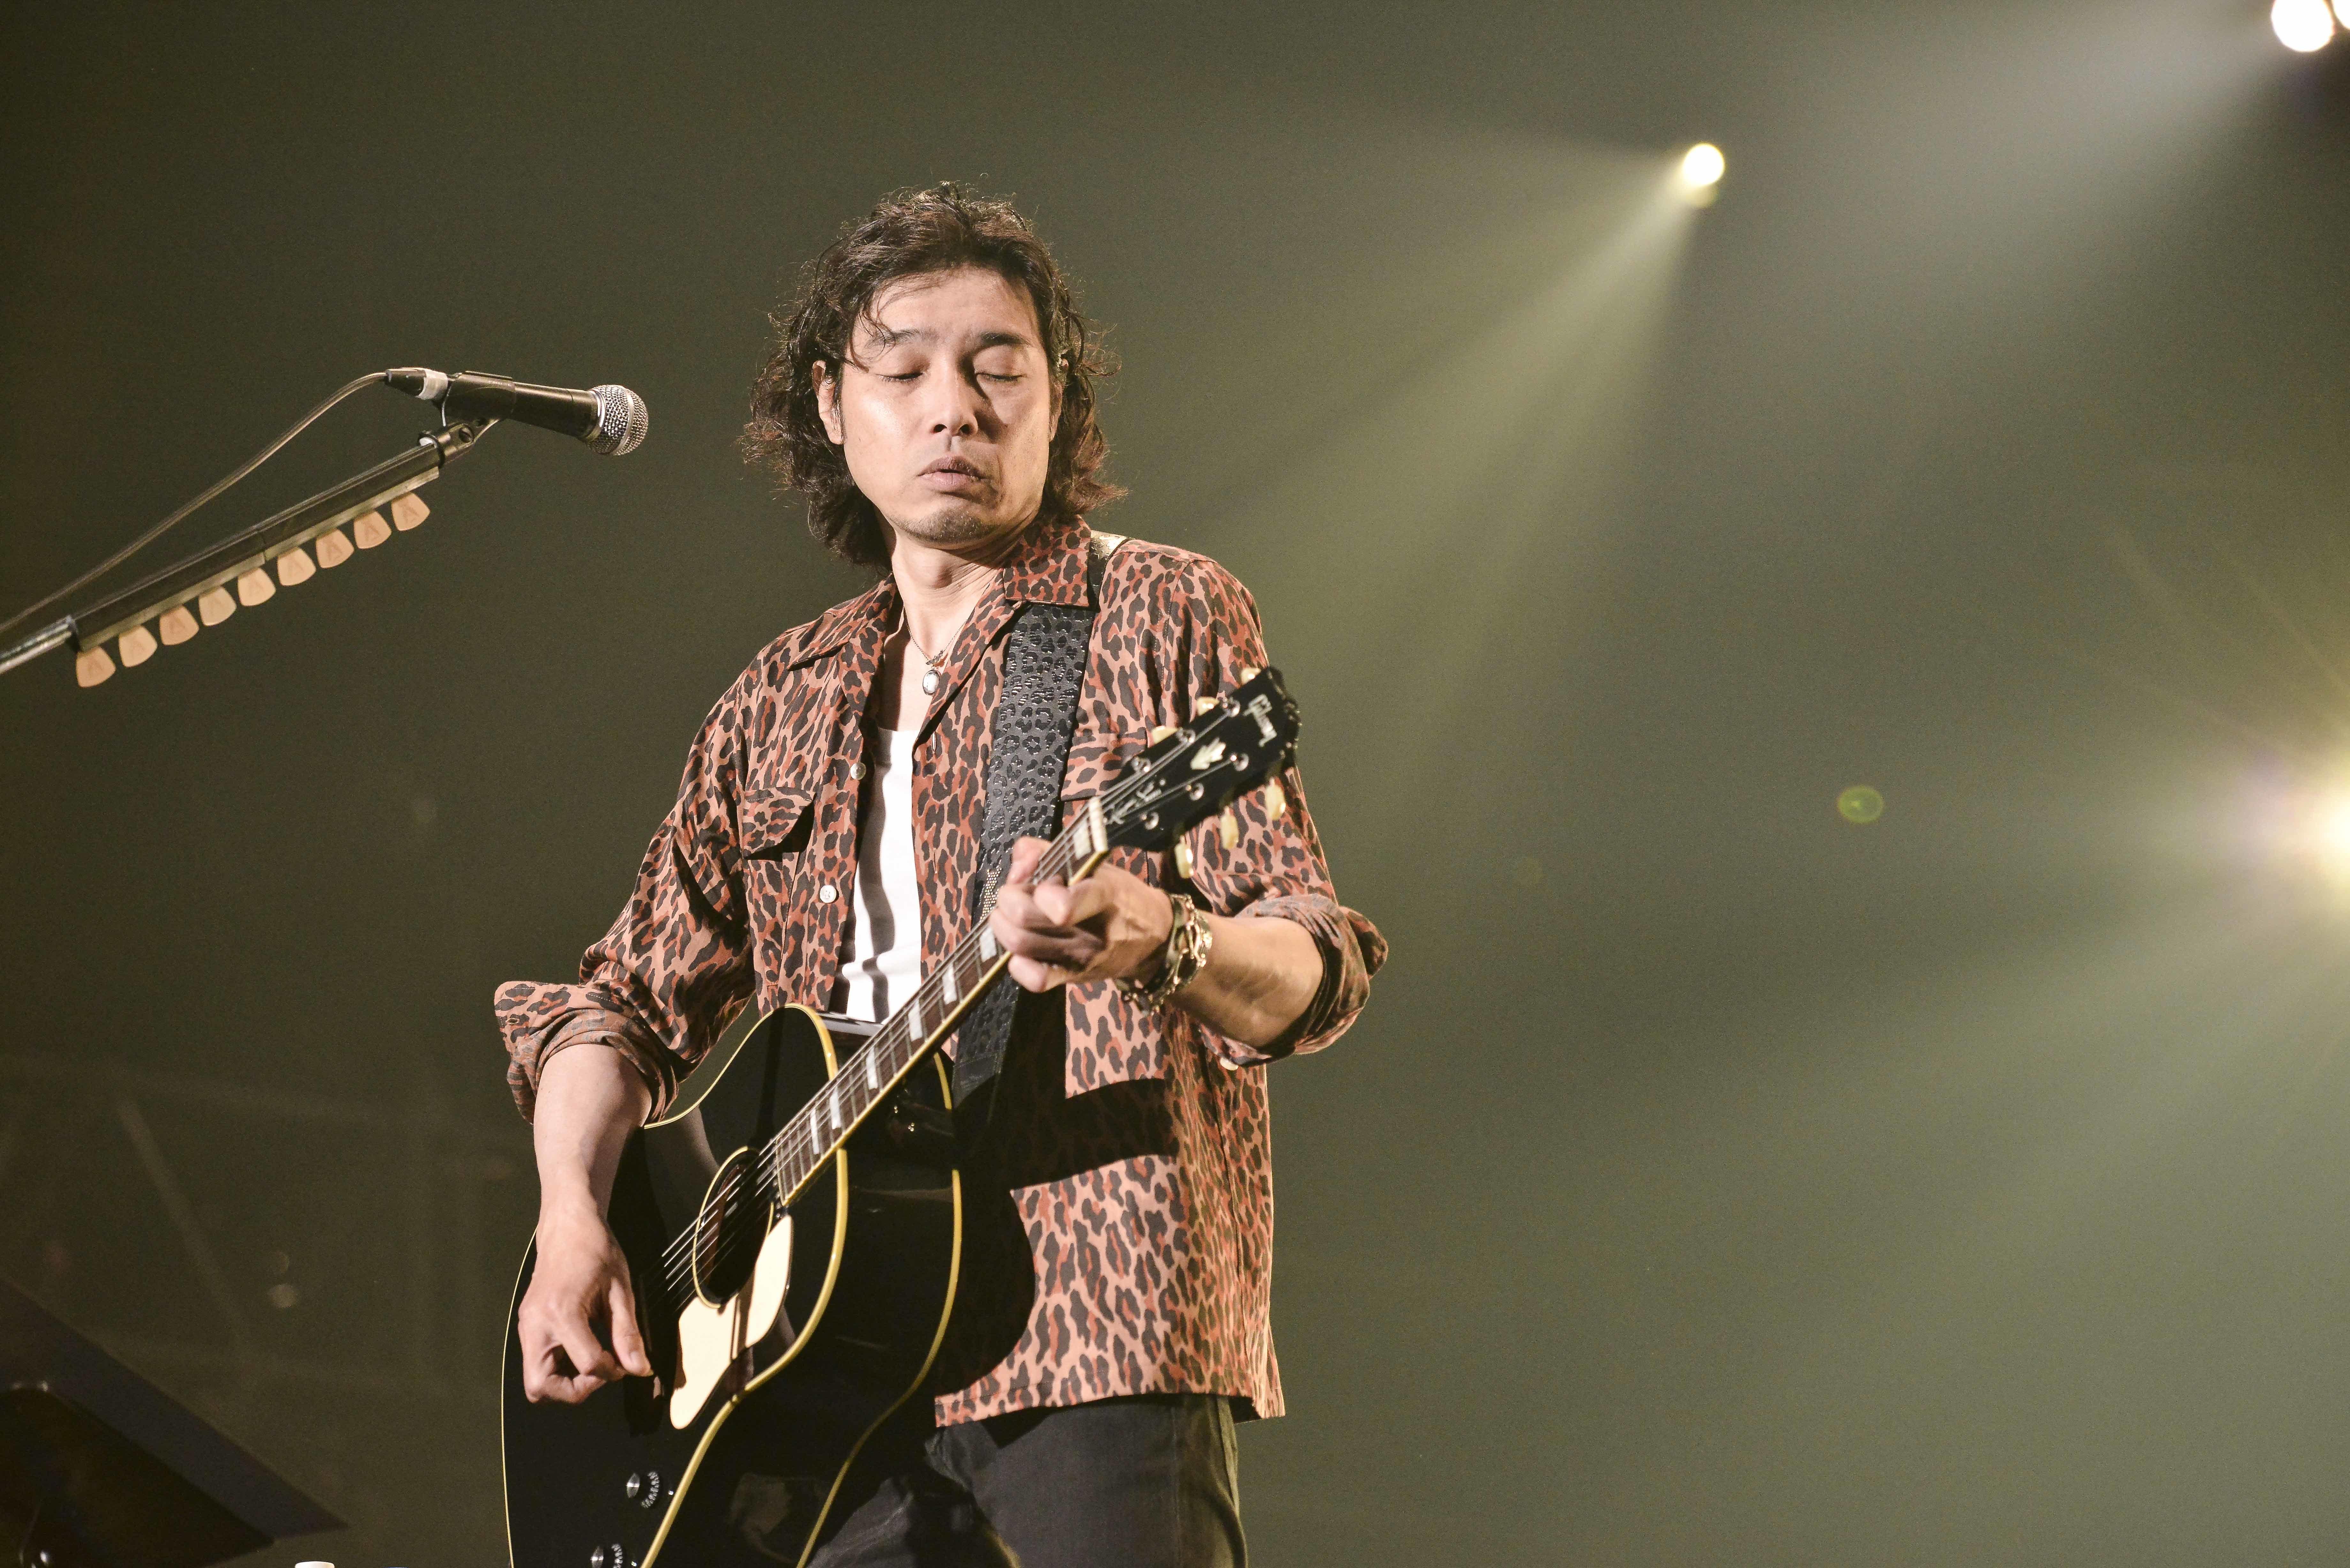 斉藤和義 撮影=Rui Hashimoto(SOUND SHOOTER)